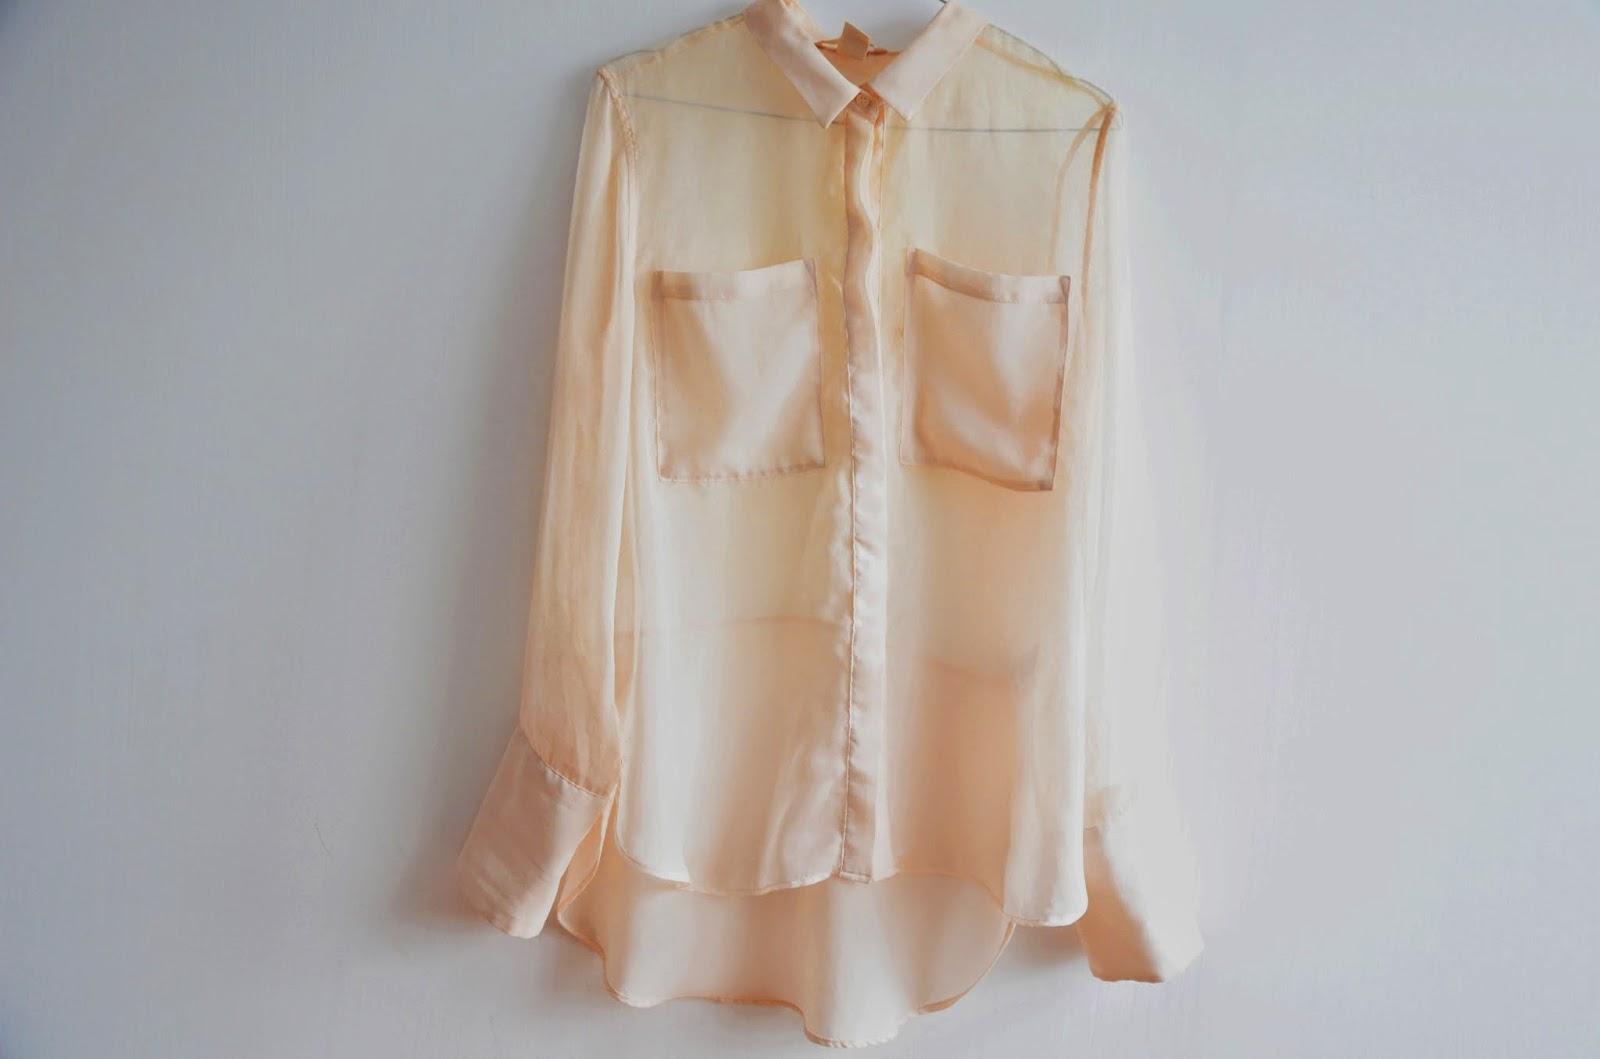 Subtelna i kobieca czyli pastelowy strój z motywem koronki, koronka, zara, h&m, reserved, lifelookangies, strój, kobieca, motyw koronki, outfit